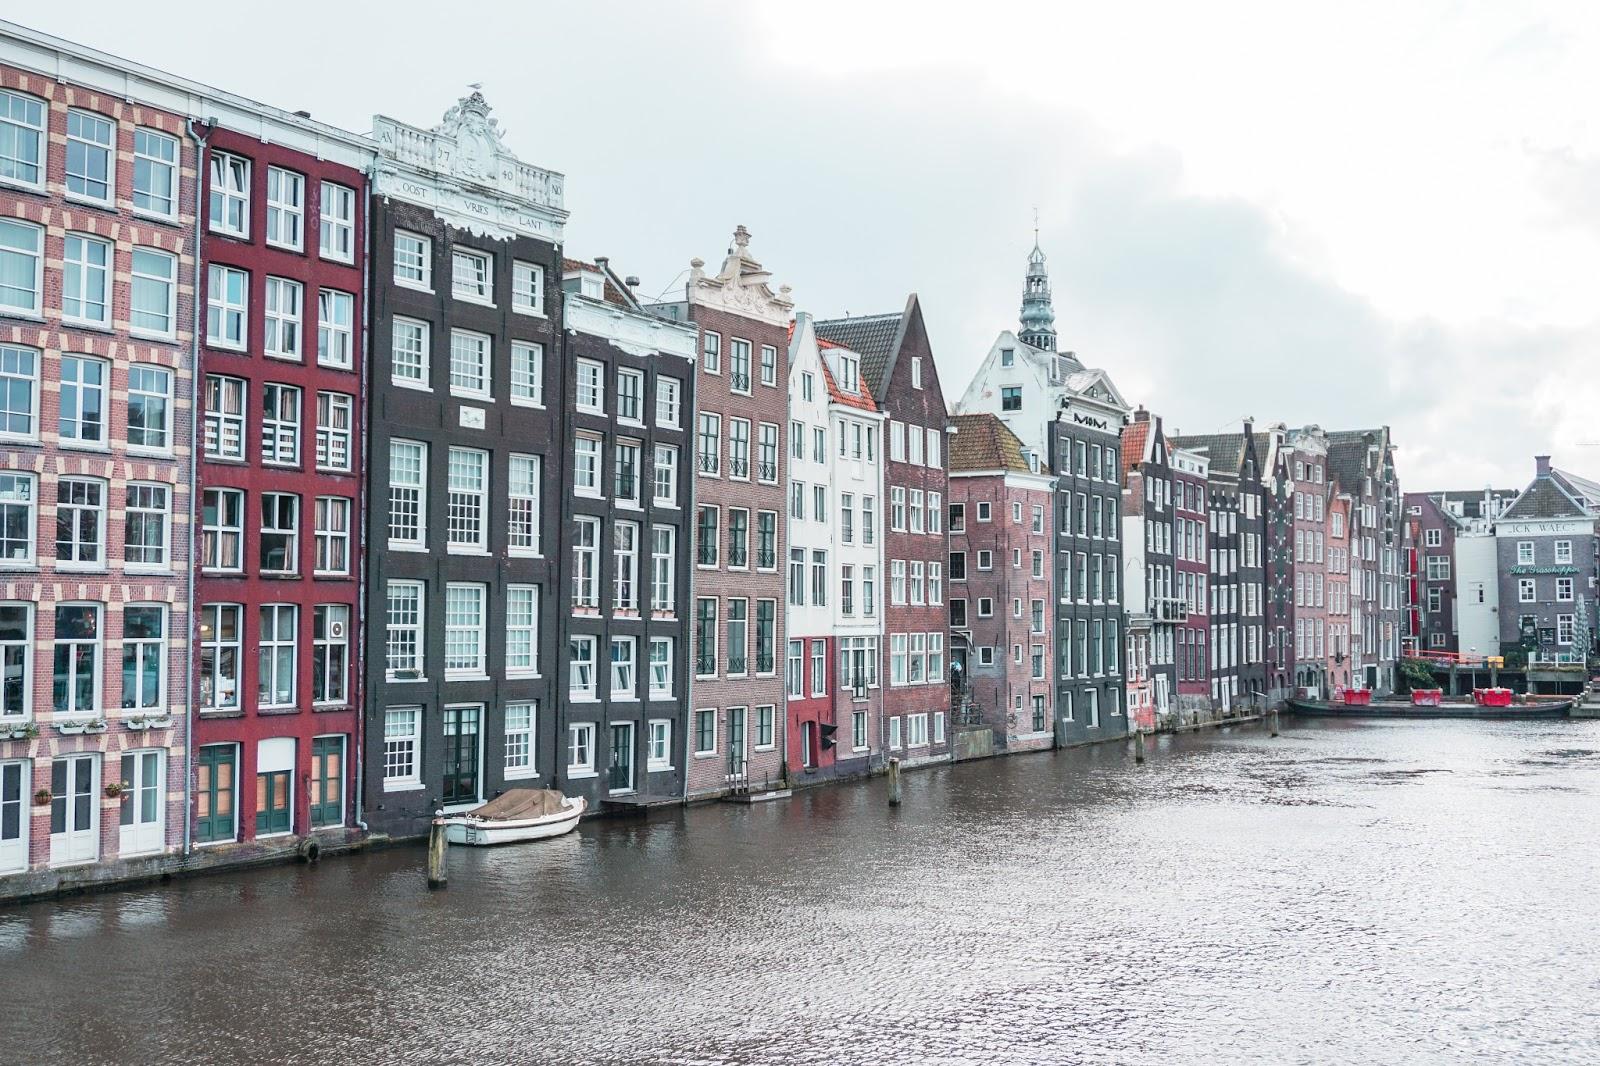 Amsterdam, Holandia, podróż do Amsterdamu, gdzie zjeść w Amsterdamie, gdzie niedrogo zjeść w Amsterdamie, Amsterdam polecane restauracje, blog podróżniczy, podróż do Holandii, architektura Amsterdamu, ile kosztują restauracje w Amsterdamie